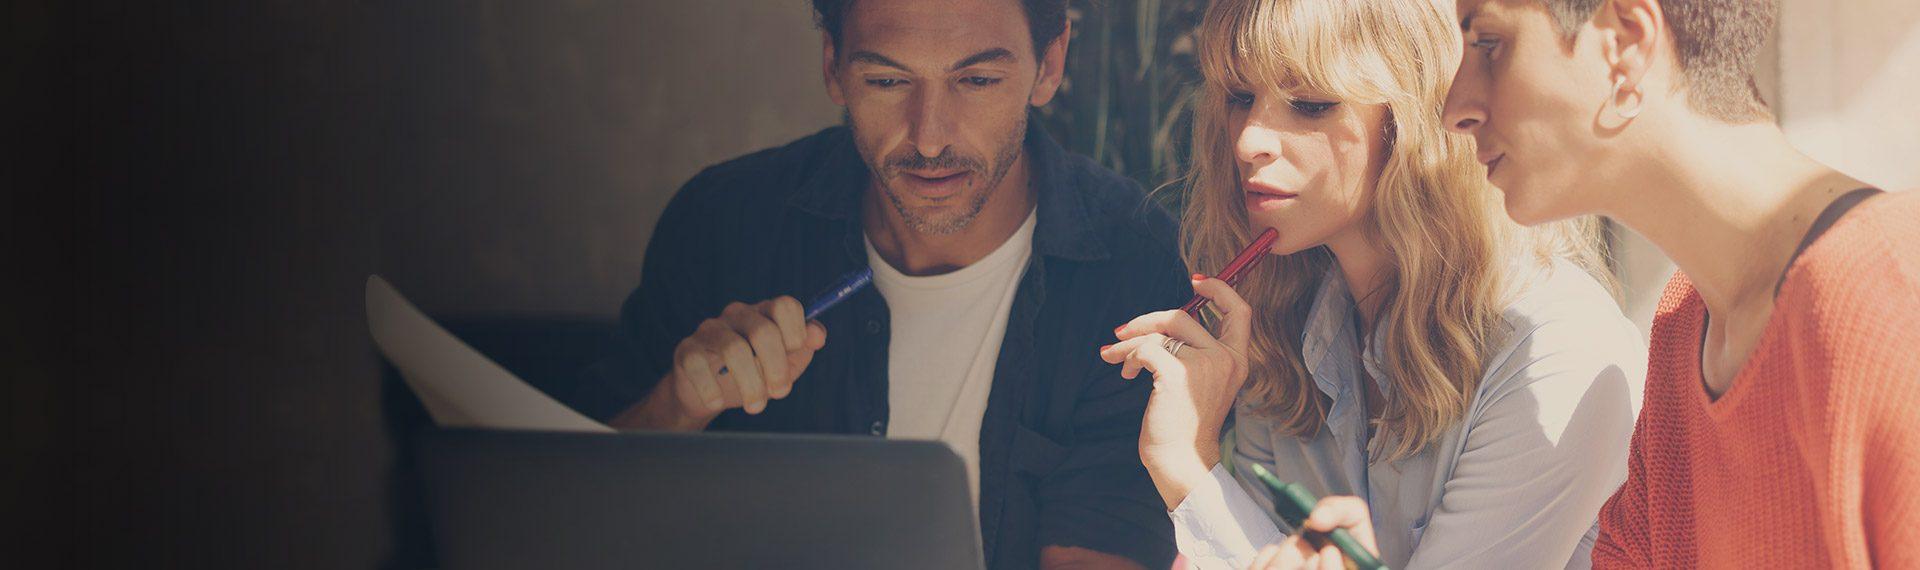 banner na stronie system ERP dla organizacji non profit - ludzie pracujący przy komputerze